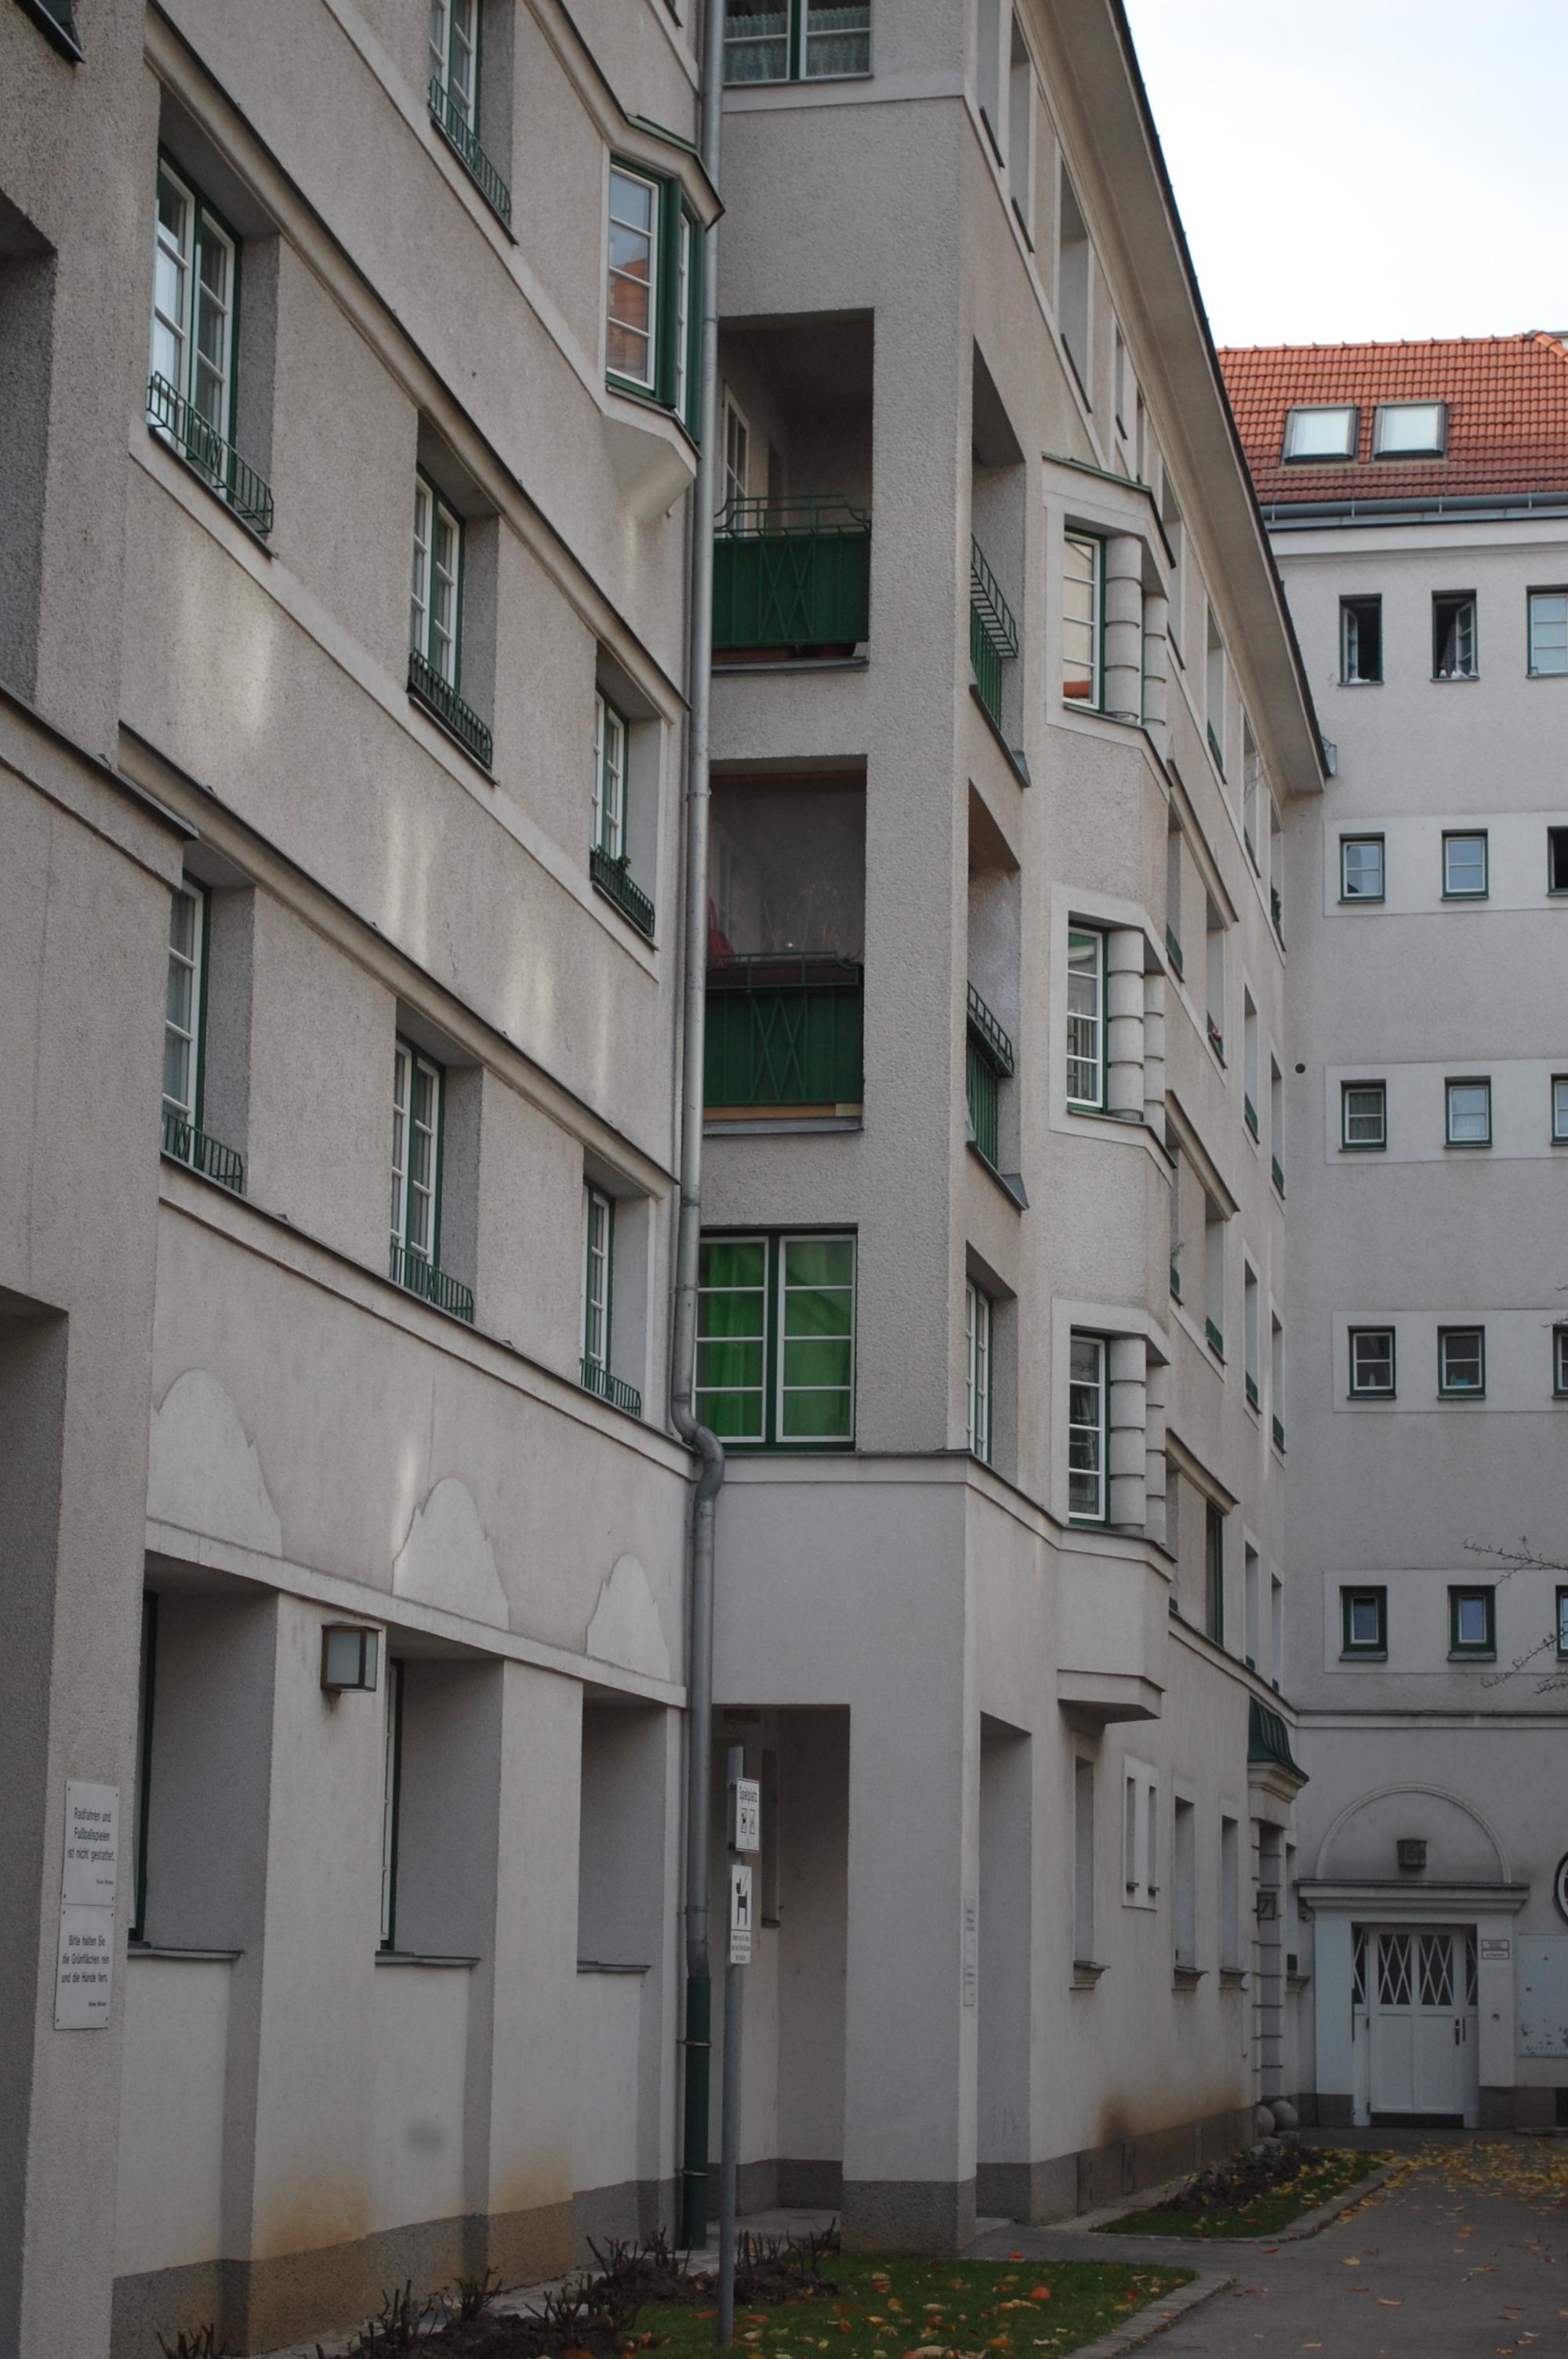 Wachauerhof (c) STADTBEKANNT